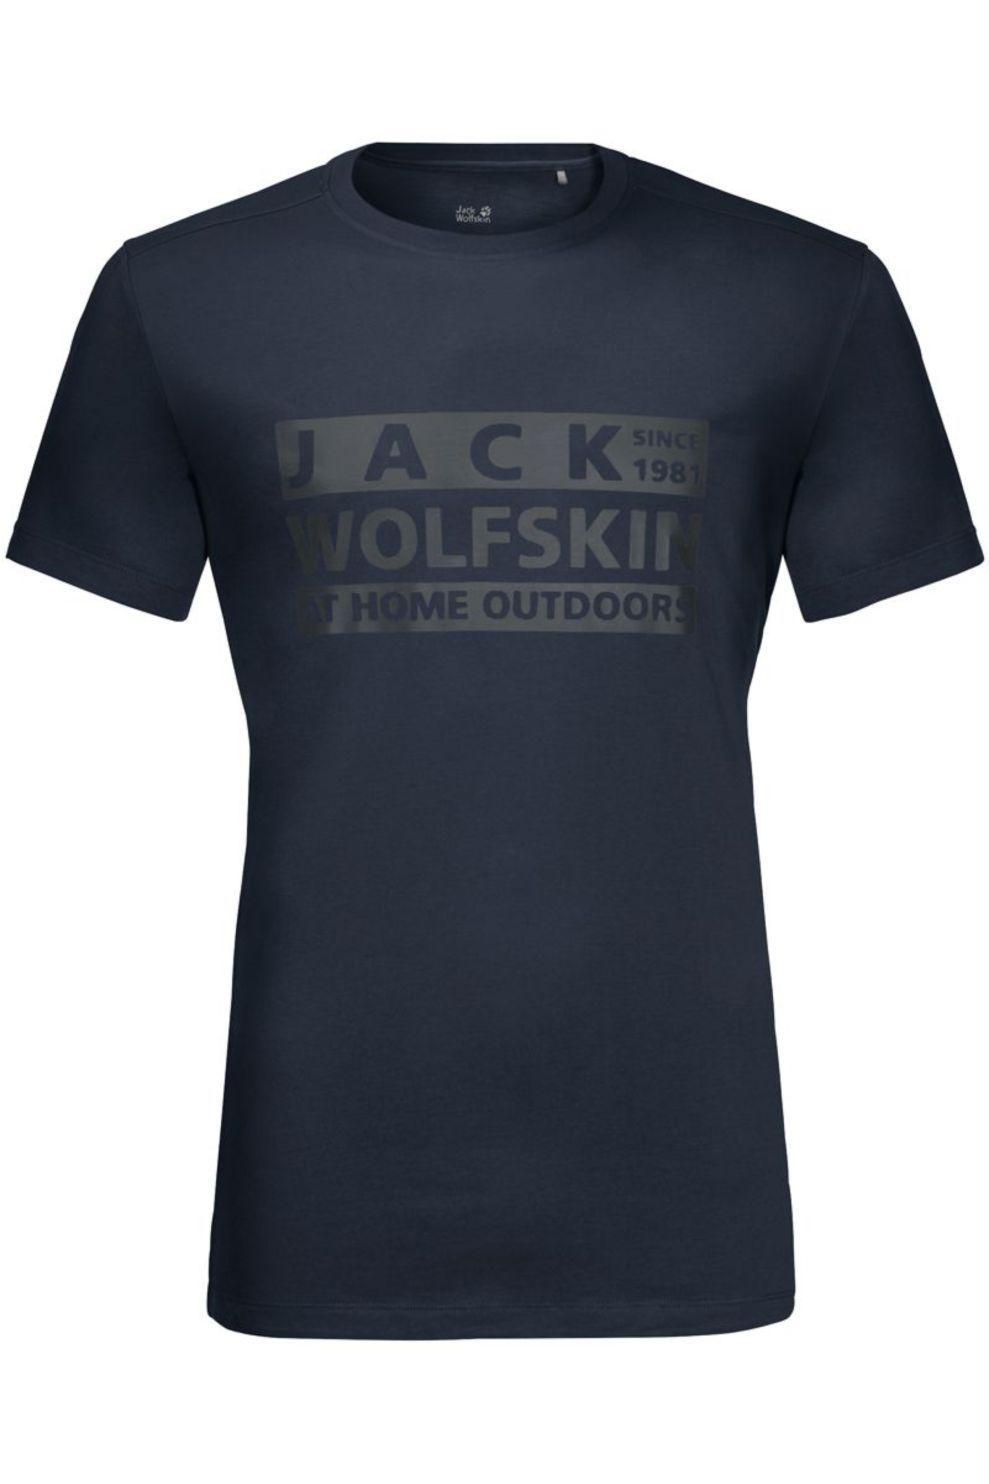 Jack Wolfskin T-Shirt Brand voor heren - Blauw - Maat: L